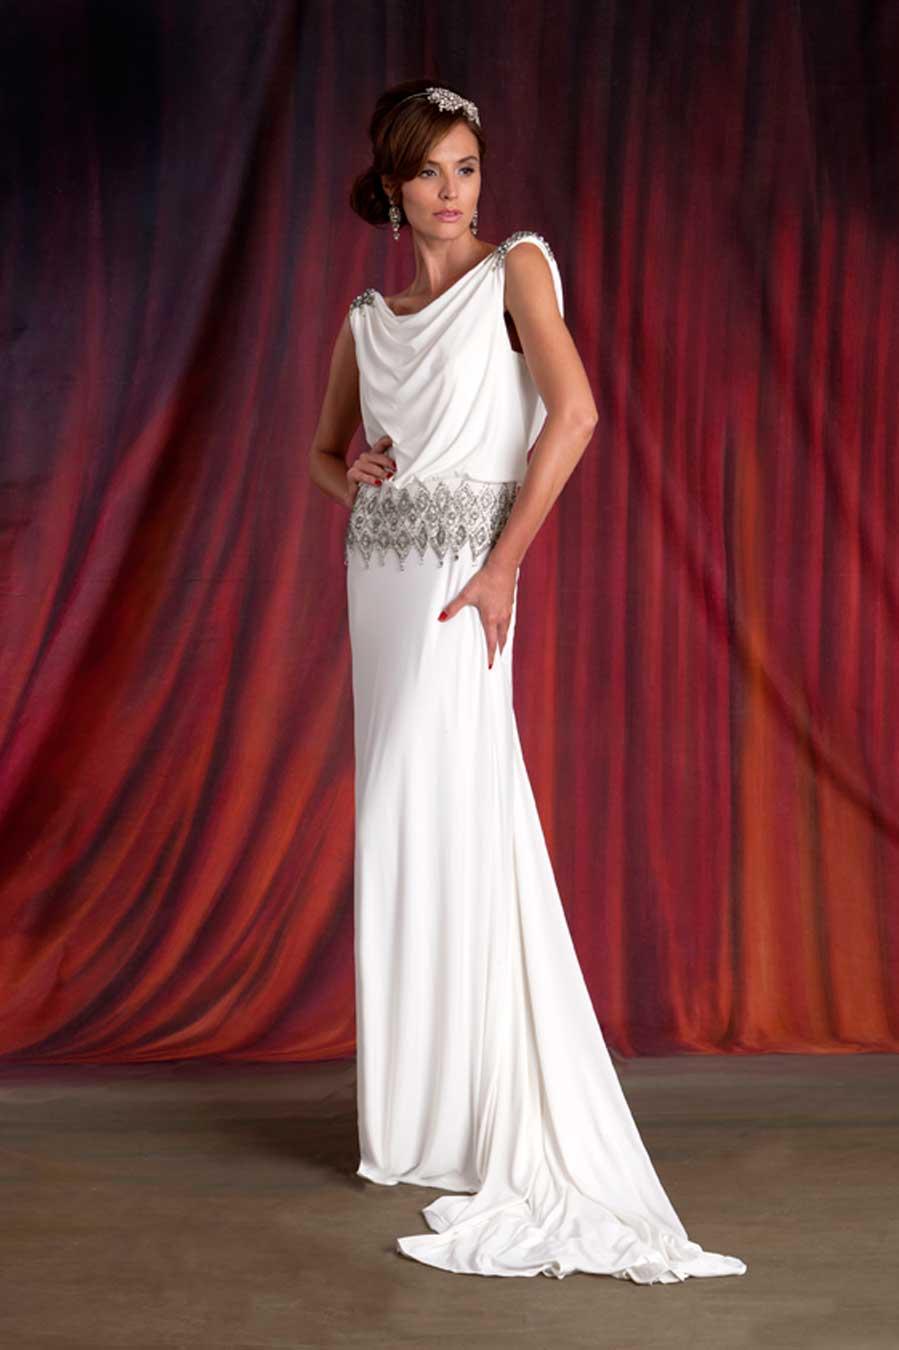 Eliza-Jane-Howell-Mary-Vintage-Style-Vestido-de-novia-Diseñadora-Irlanda